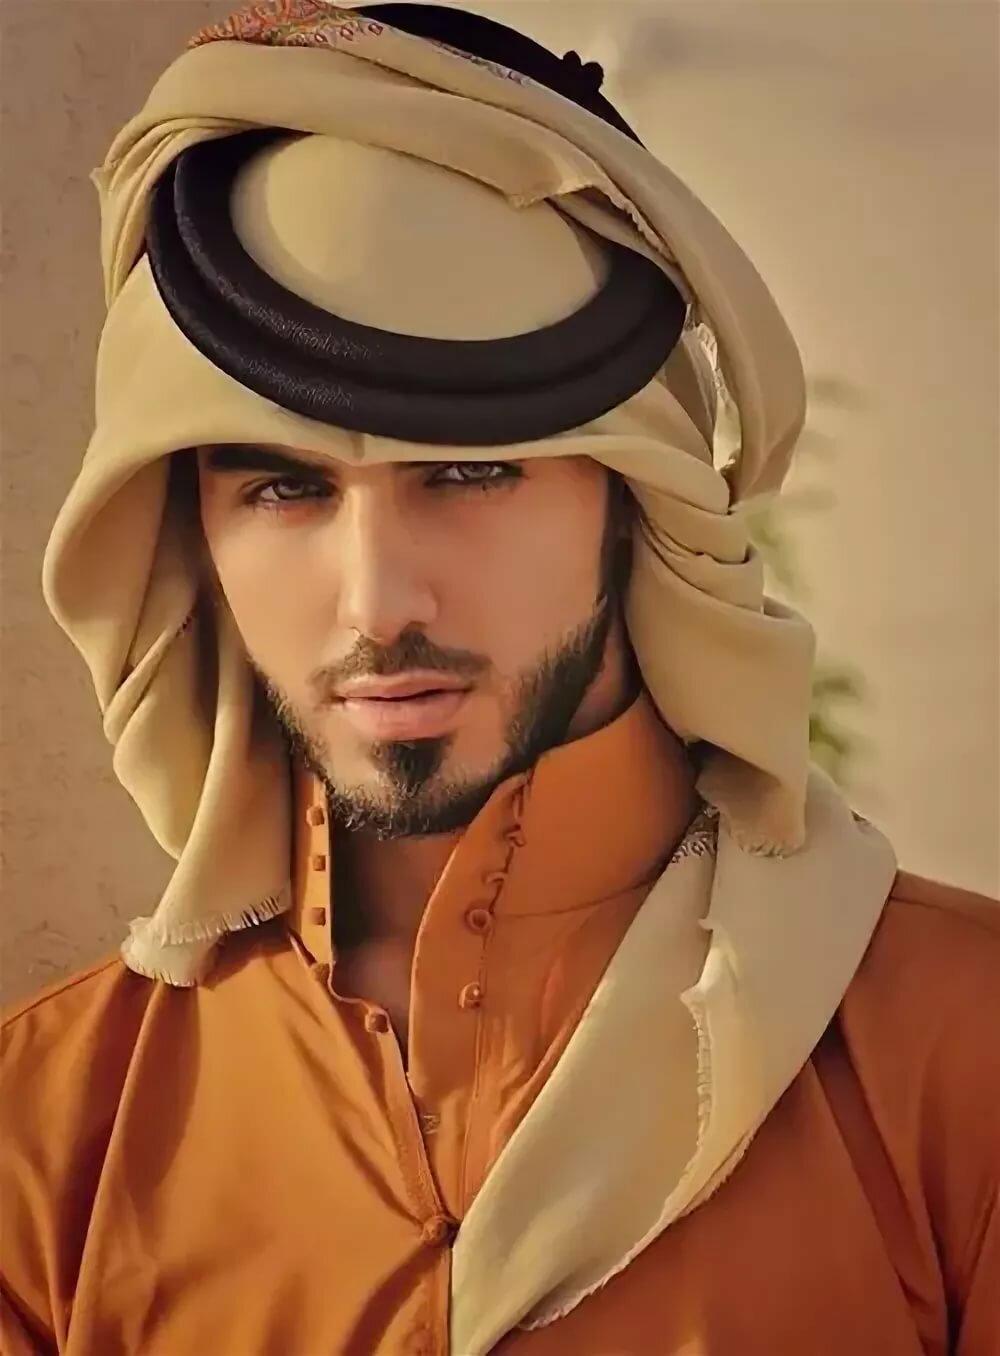 самые красивые арабы картинки каждого нас